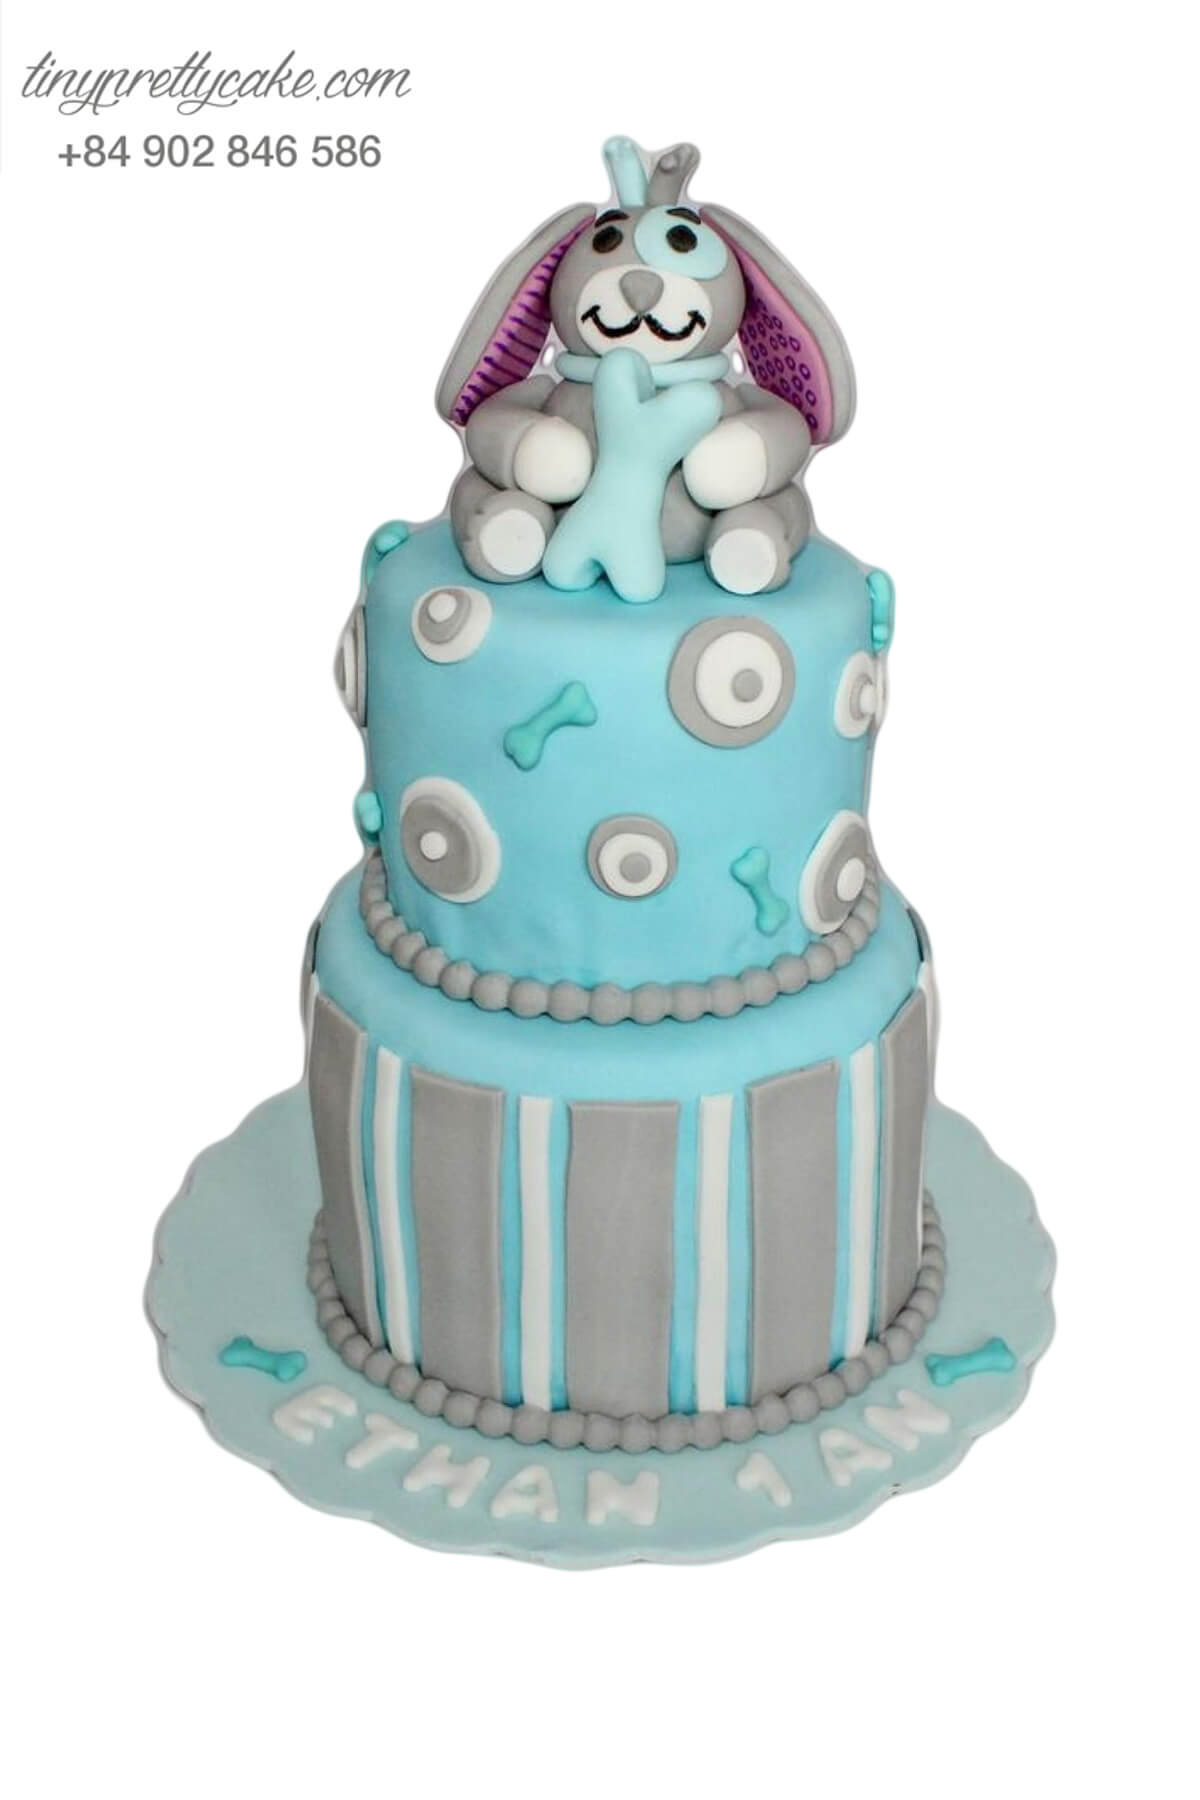 Bánh sinh nhật hai tầng thỏ tai dài cầm xương dễ thương dành cho bé trai, bé gái (AC0309)